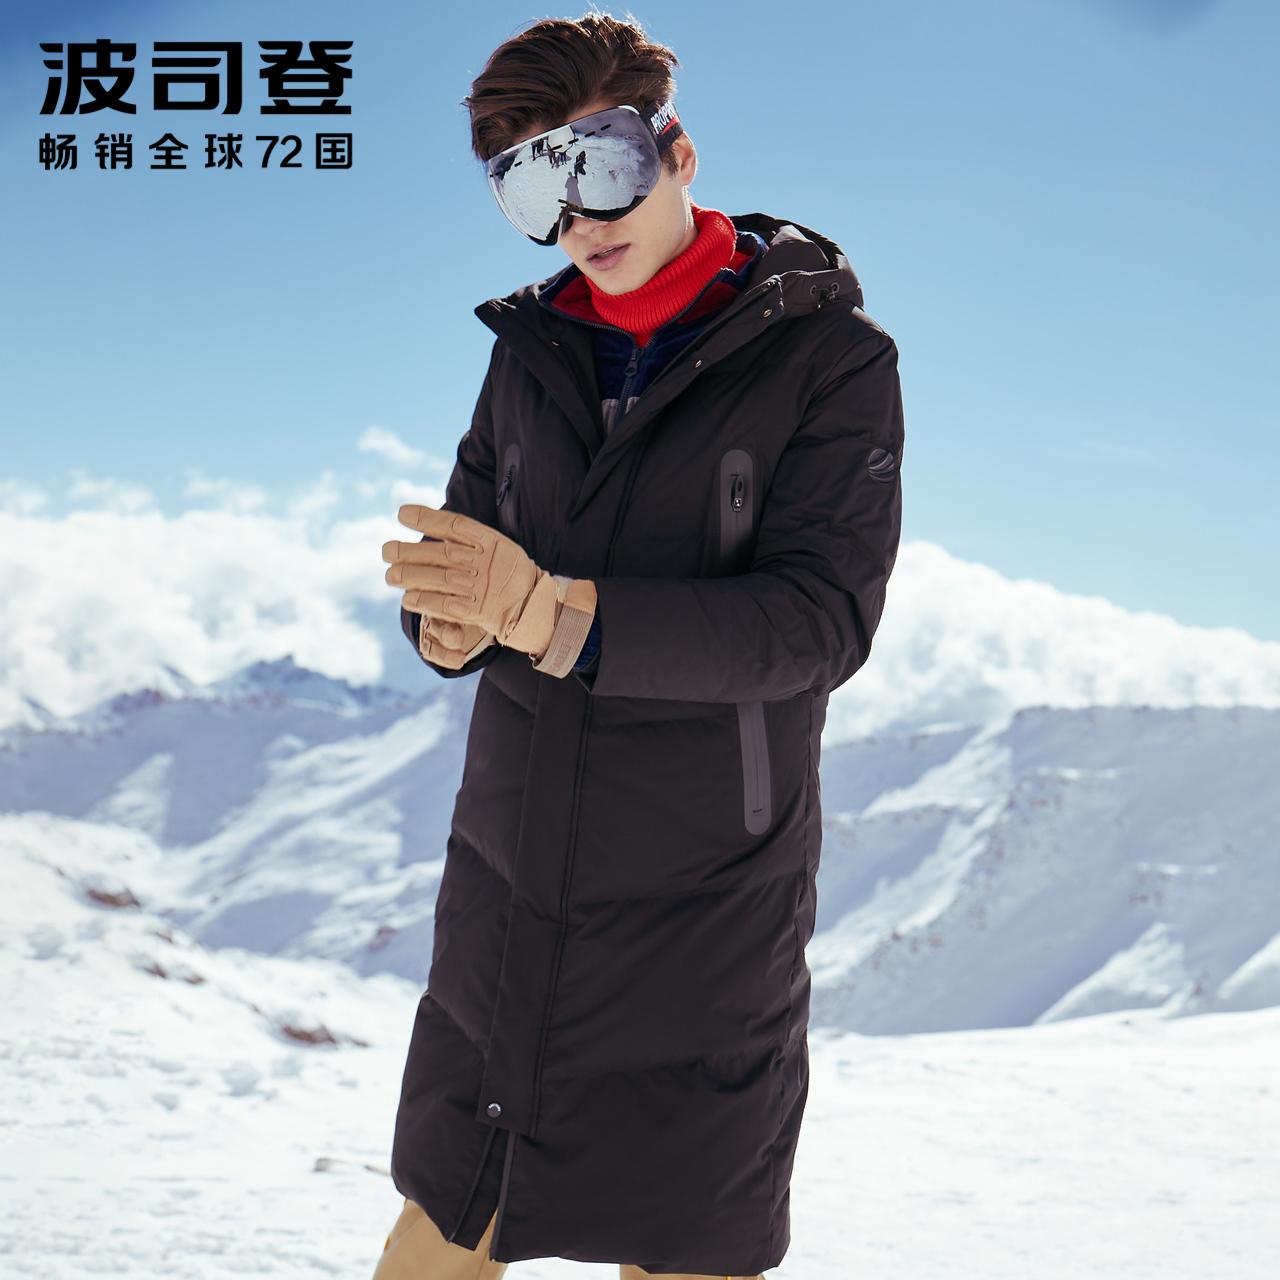 波司登长款羽绒服男连帽冬季过膝时尚保暖青年潮外套B80142545DS